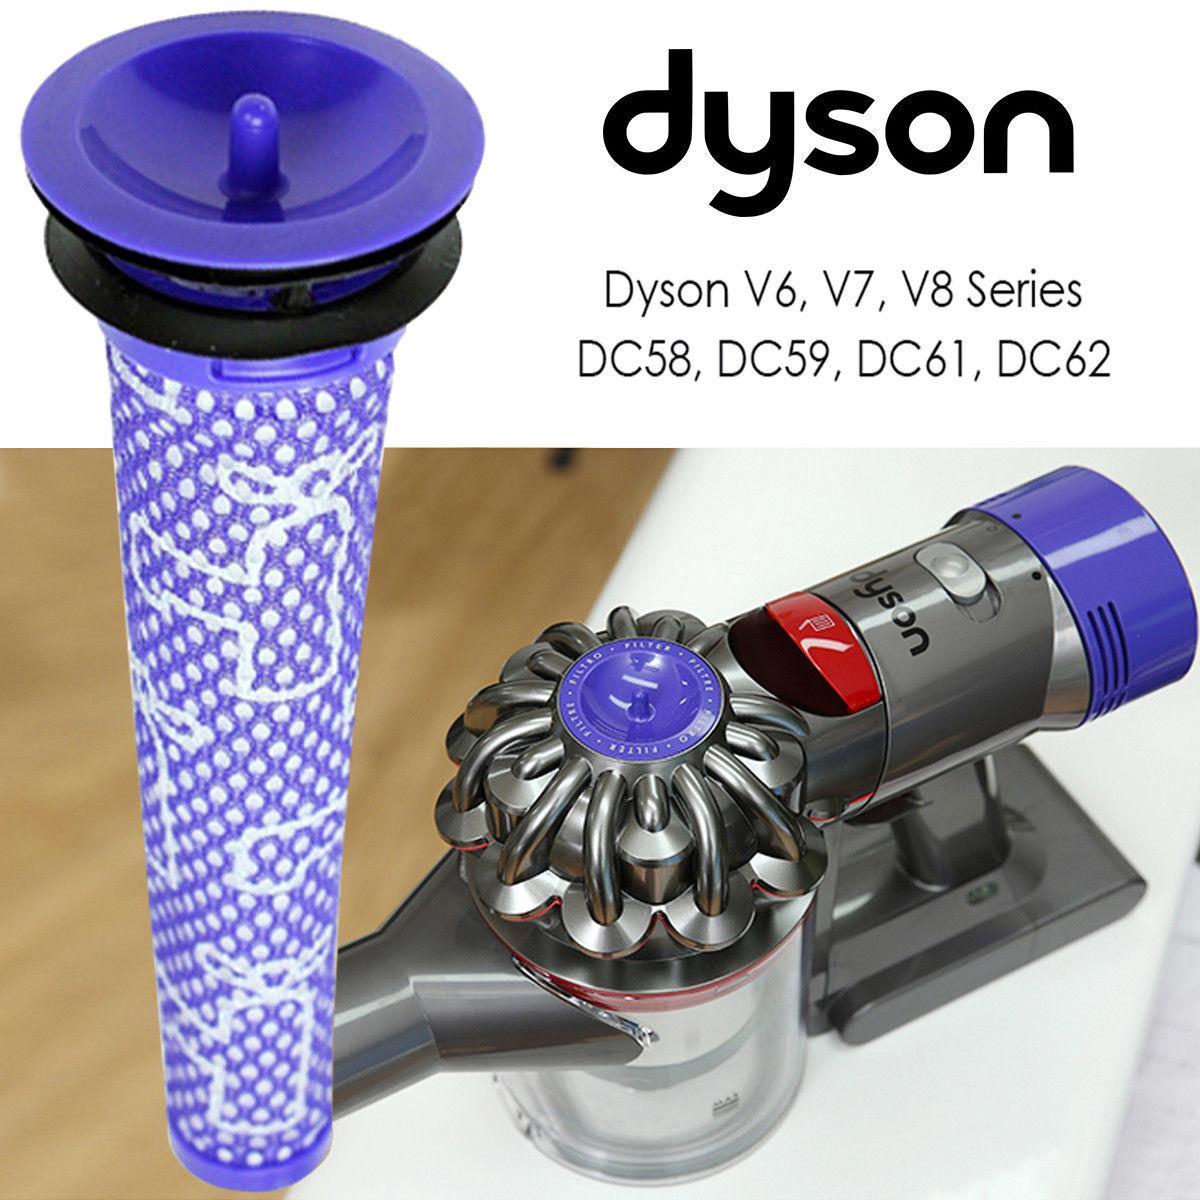 Фильтры для пылесоса dyson купить электровеник дайсон отзывы